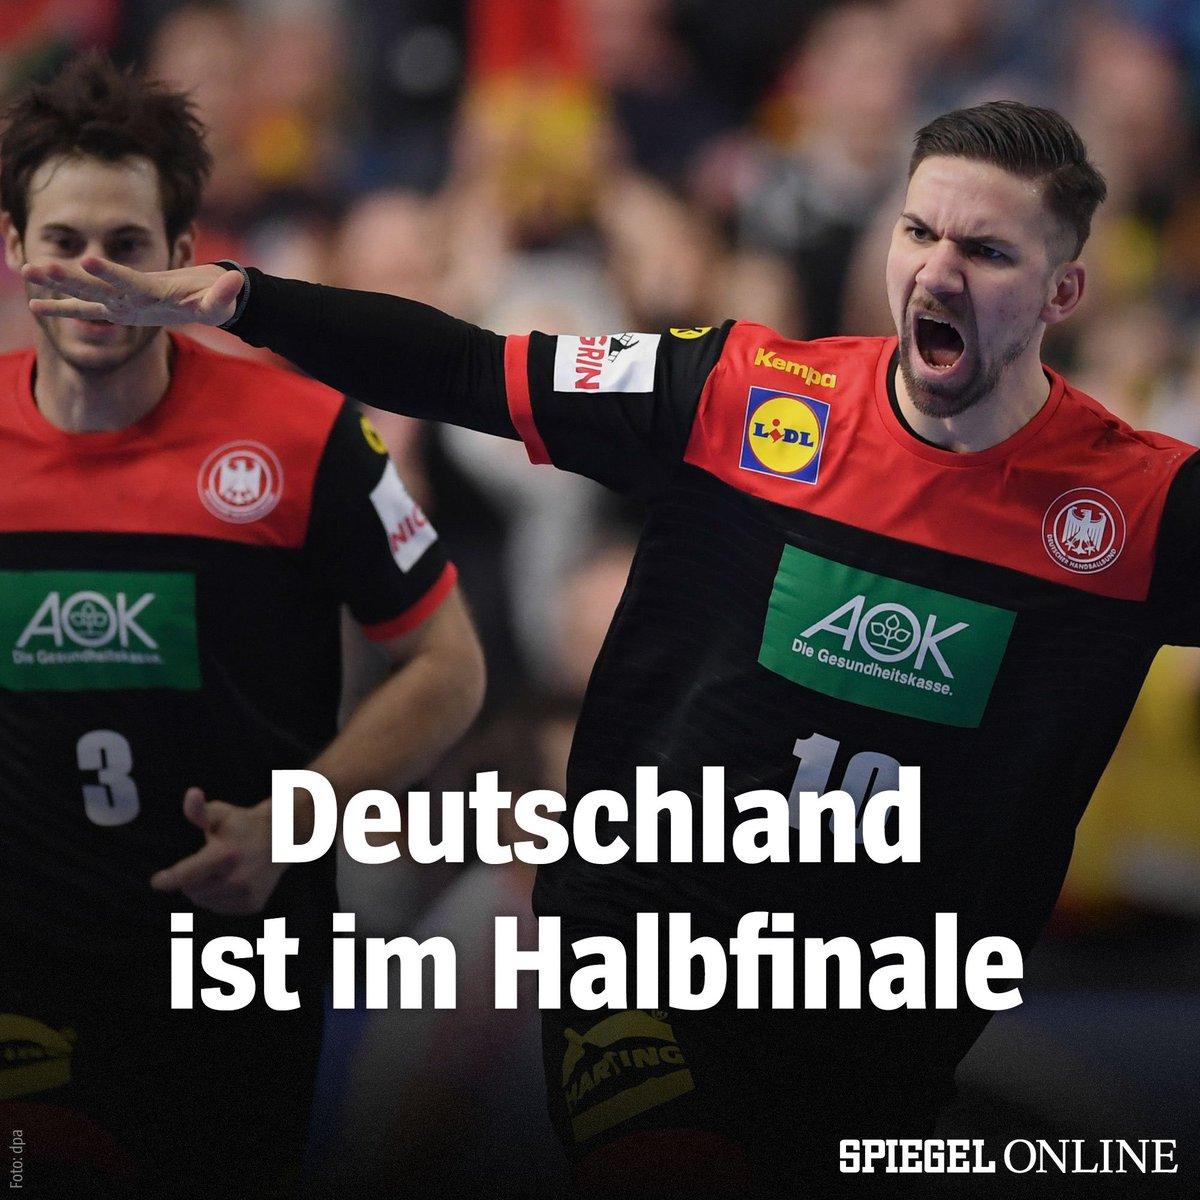 Die deutschen Handballer besiegten Kroatien mit 22:21 und qualifizieren sich damit vorzeitig für das Halbfinale. #CROGER #Handball19 https://t.co/r8xwrSRKC7